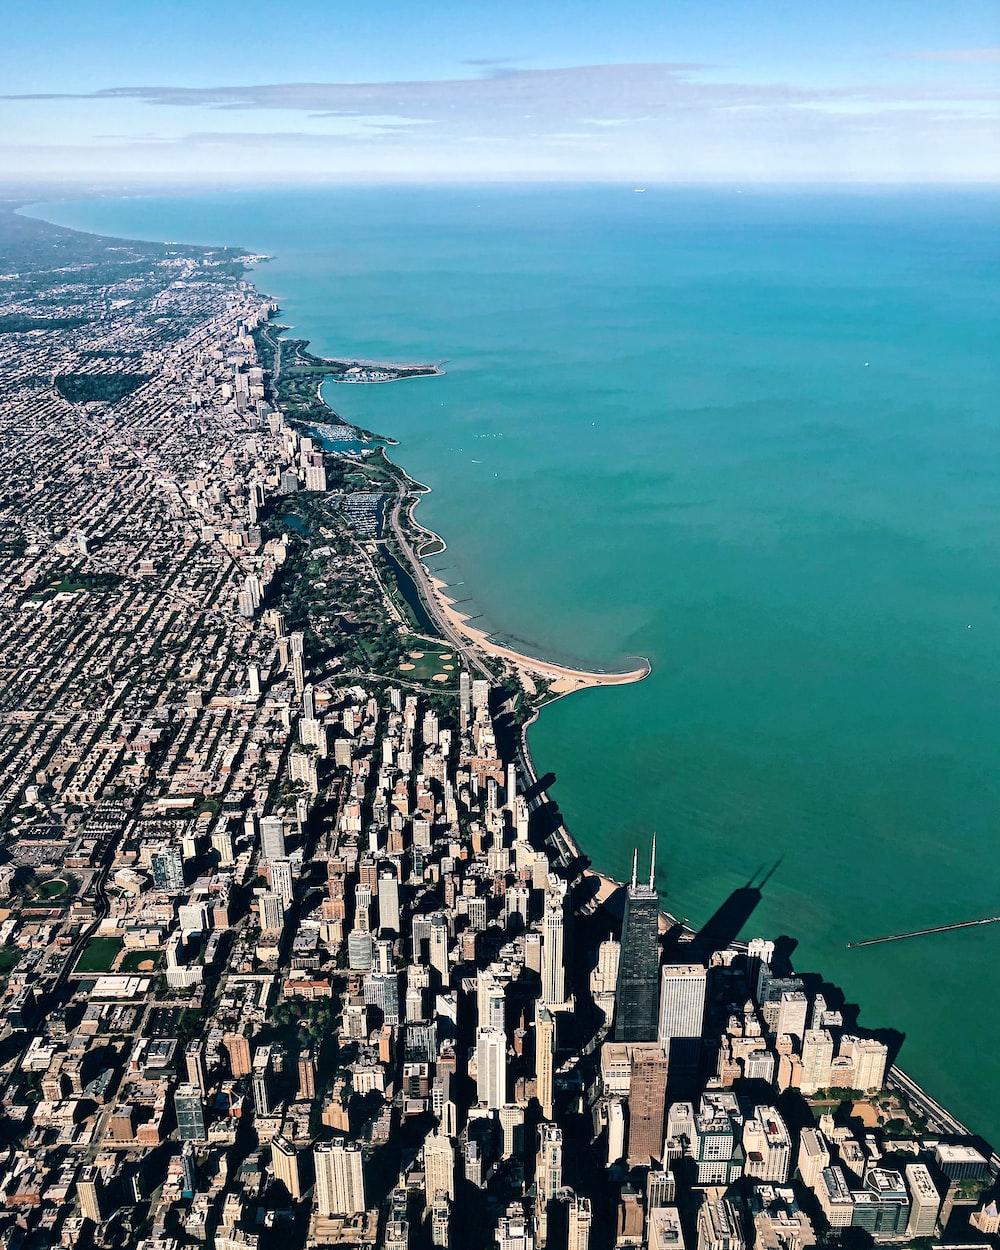 aerial photo of buildings near ocean